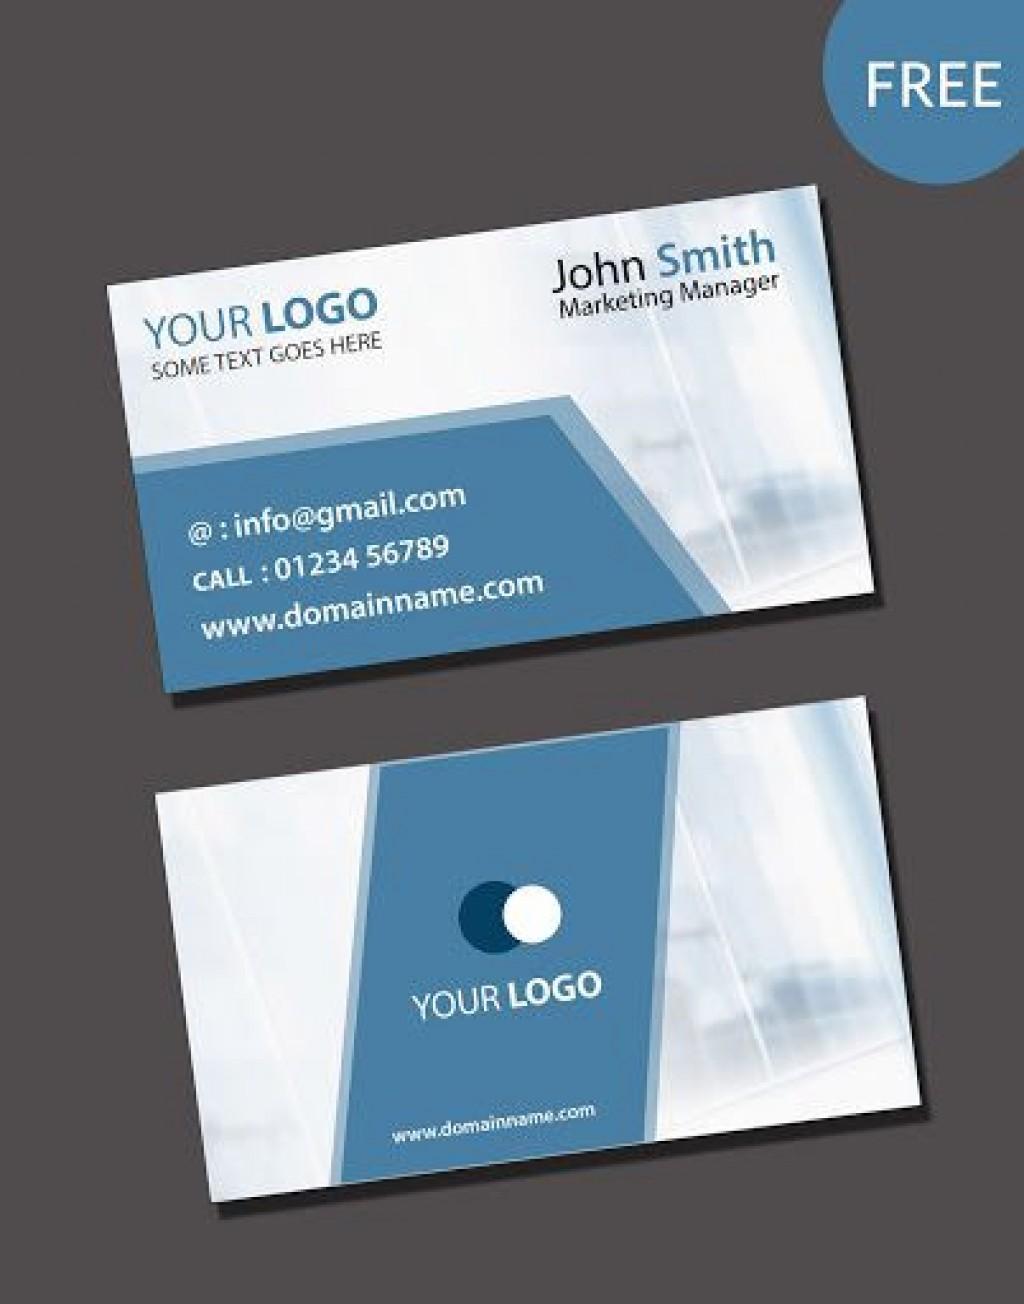 009 Unforgettable Free Visiting Card Design Psd Download Sample  Busines RestaurantLarge